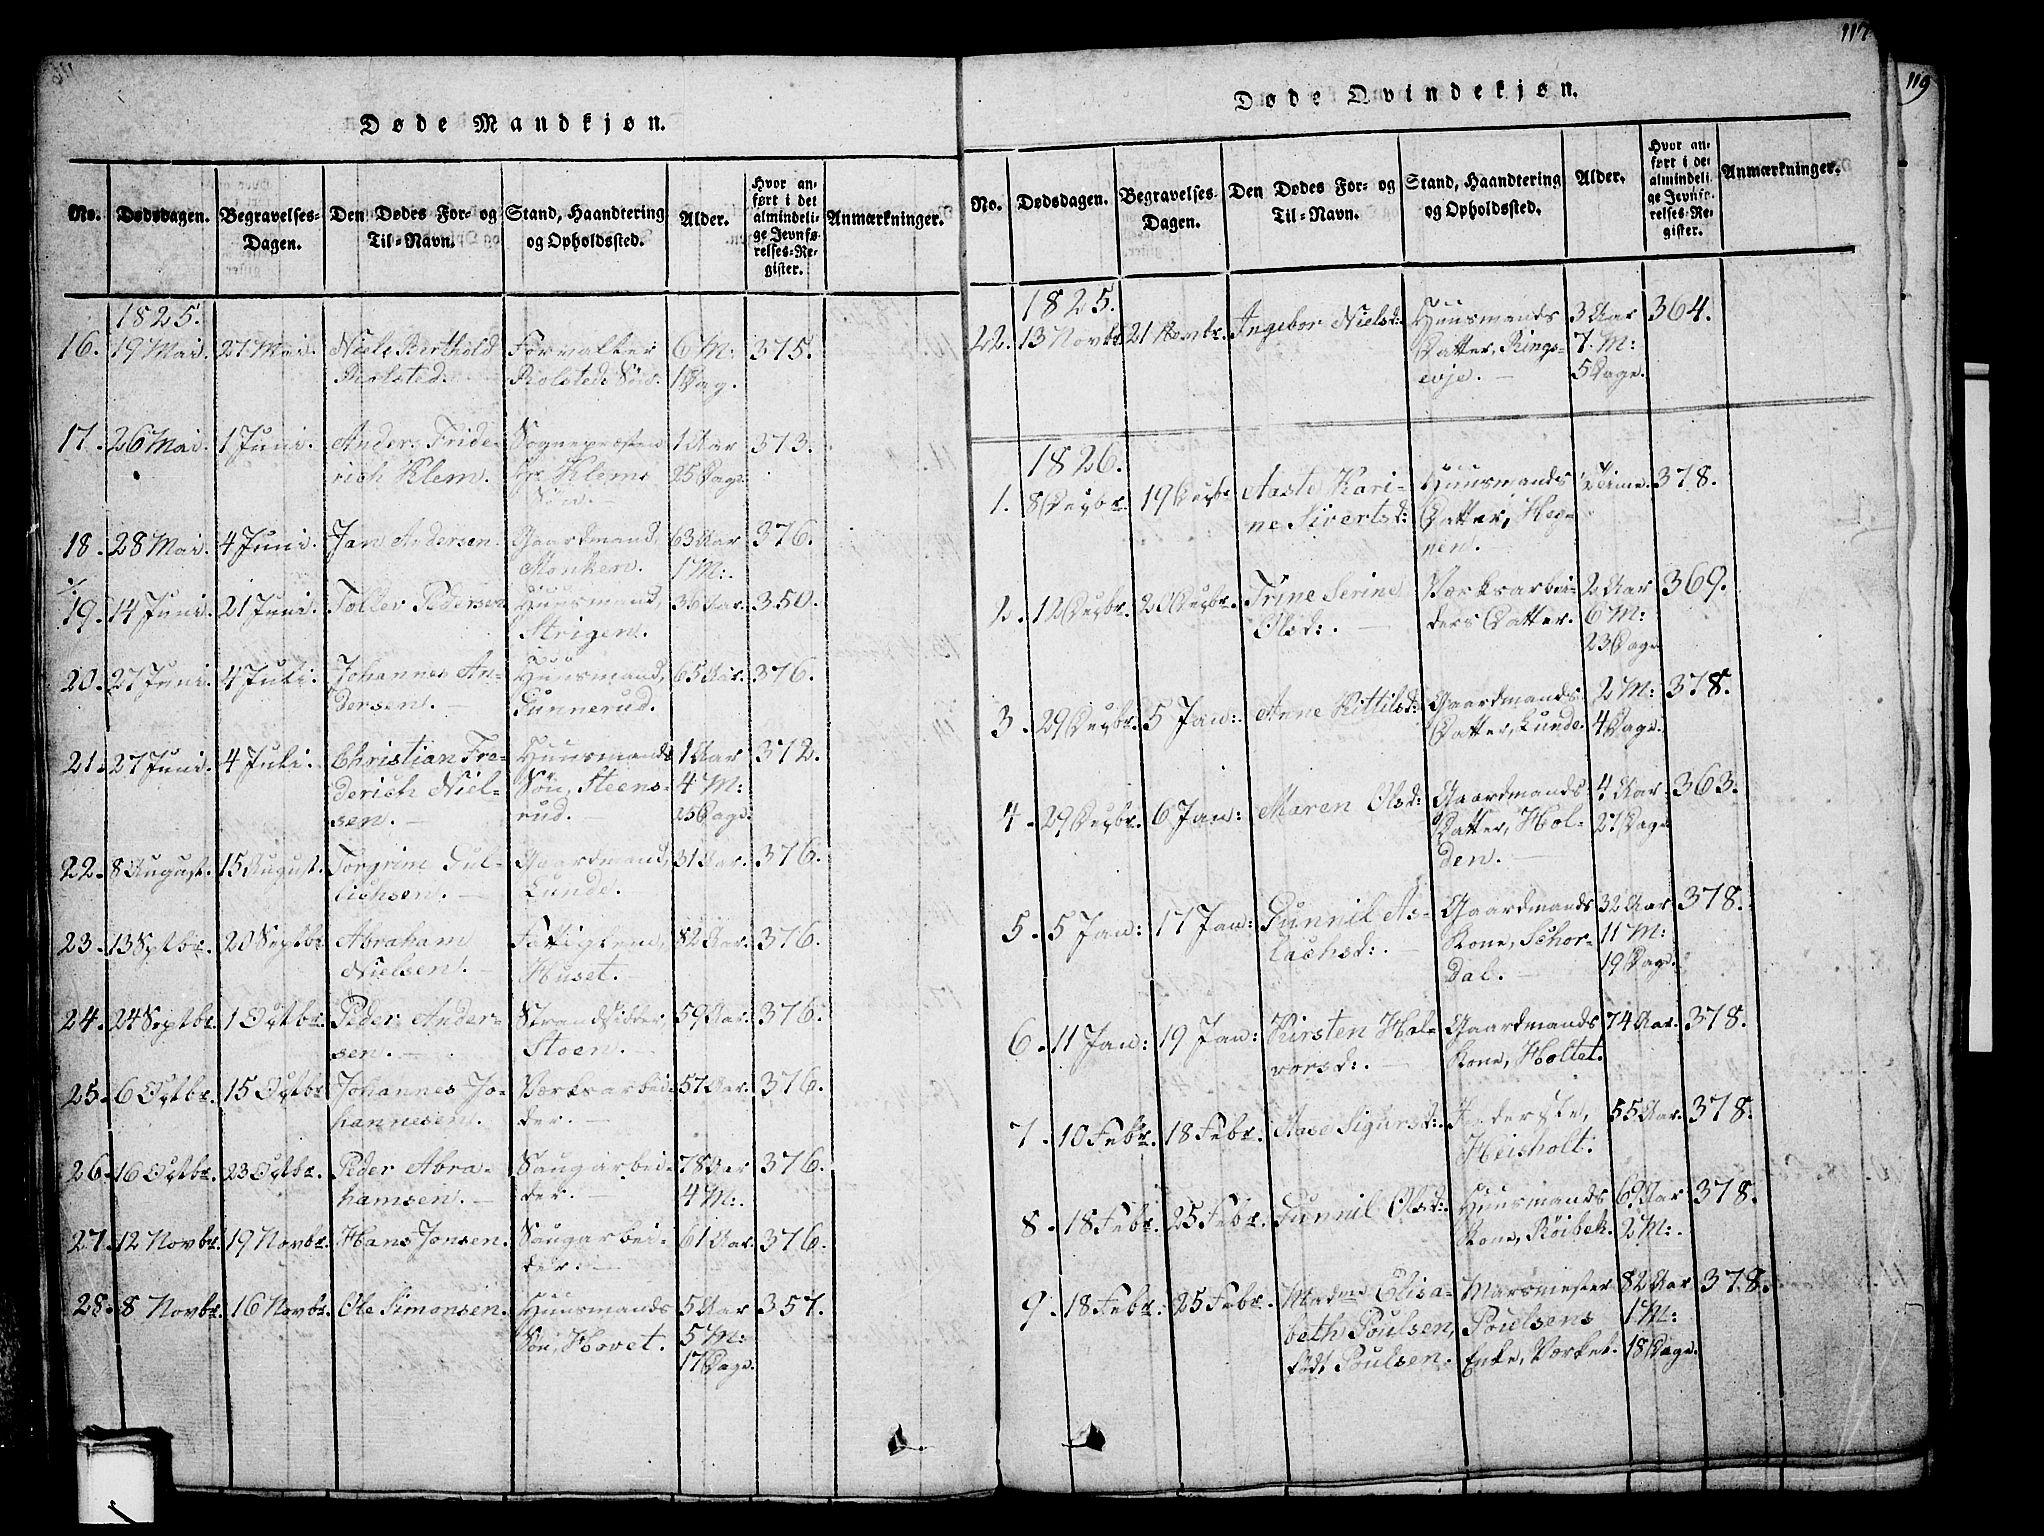 SAKO, Holla kirkebøker, G/Ga/L0001: Klokkerbok nr. I 1, 1814-1830, s. 117